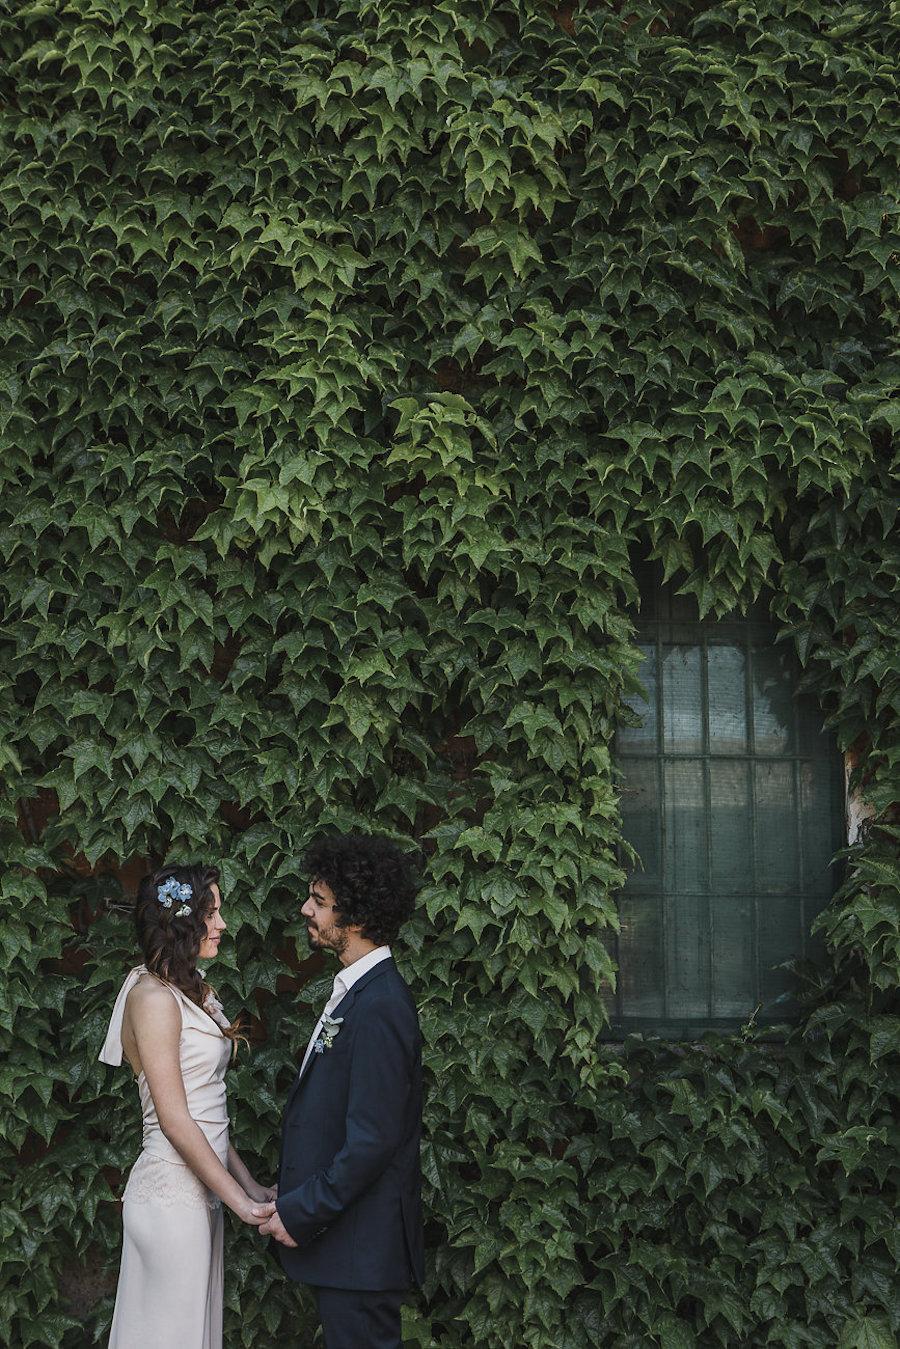 matrimonio-rose-quartz-e-serenity-di-luce-e-dombra-studio-fotografico-00